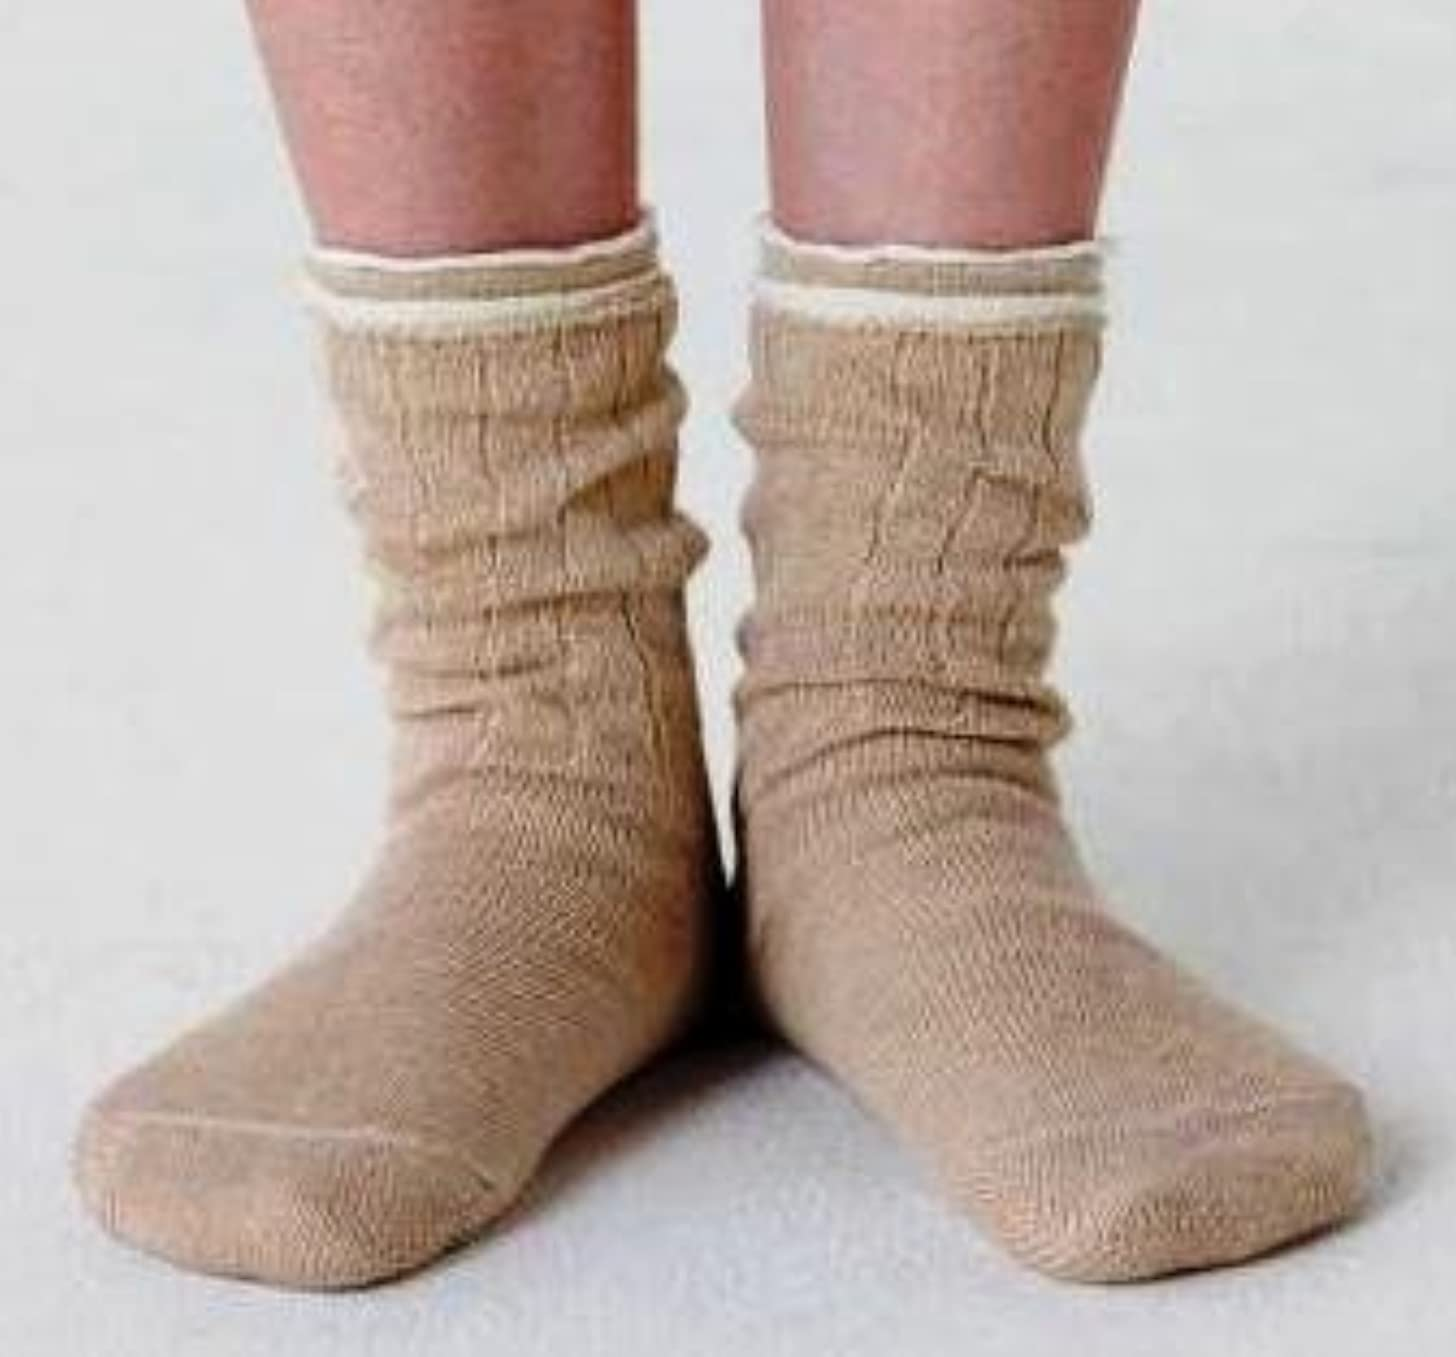 超える砲撃雇用者冷え取り靴下 4枚重ね履きソックス(絹?綿?絹?綿) Lサイズ:25~27cm